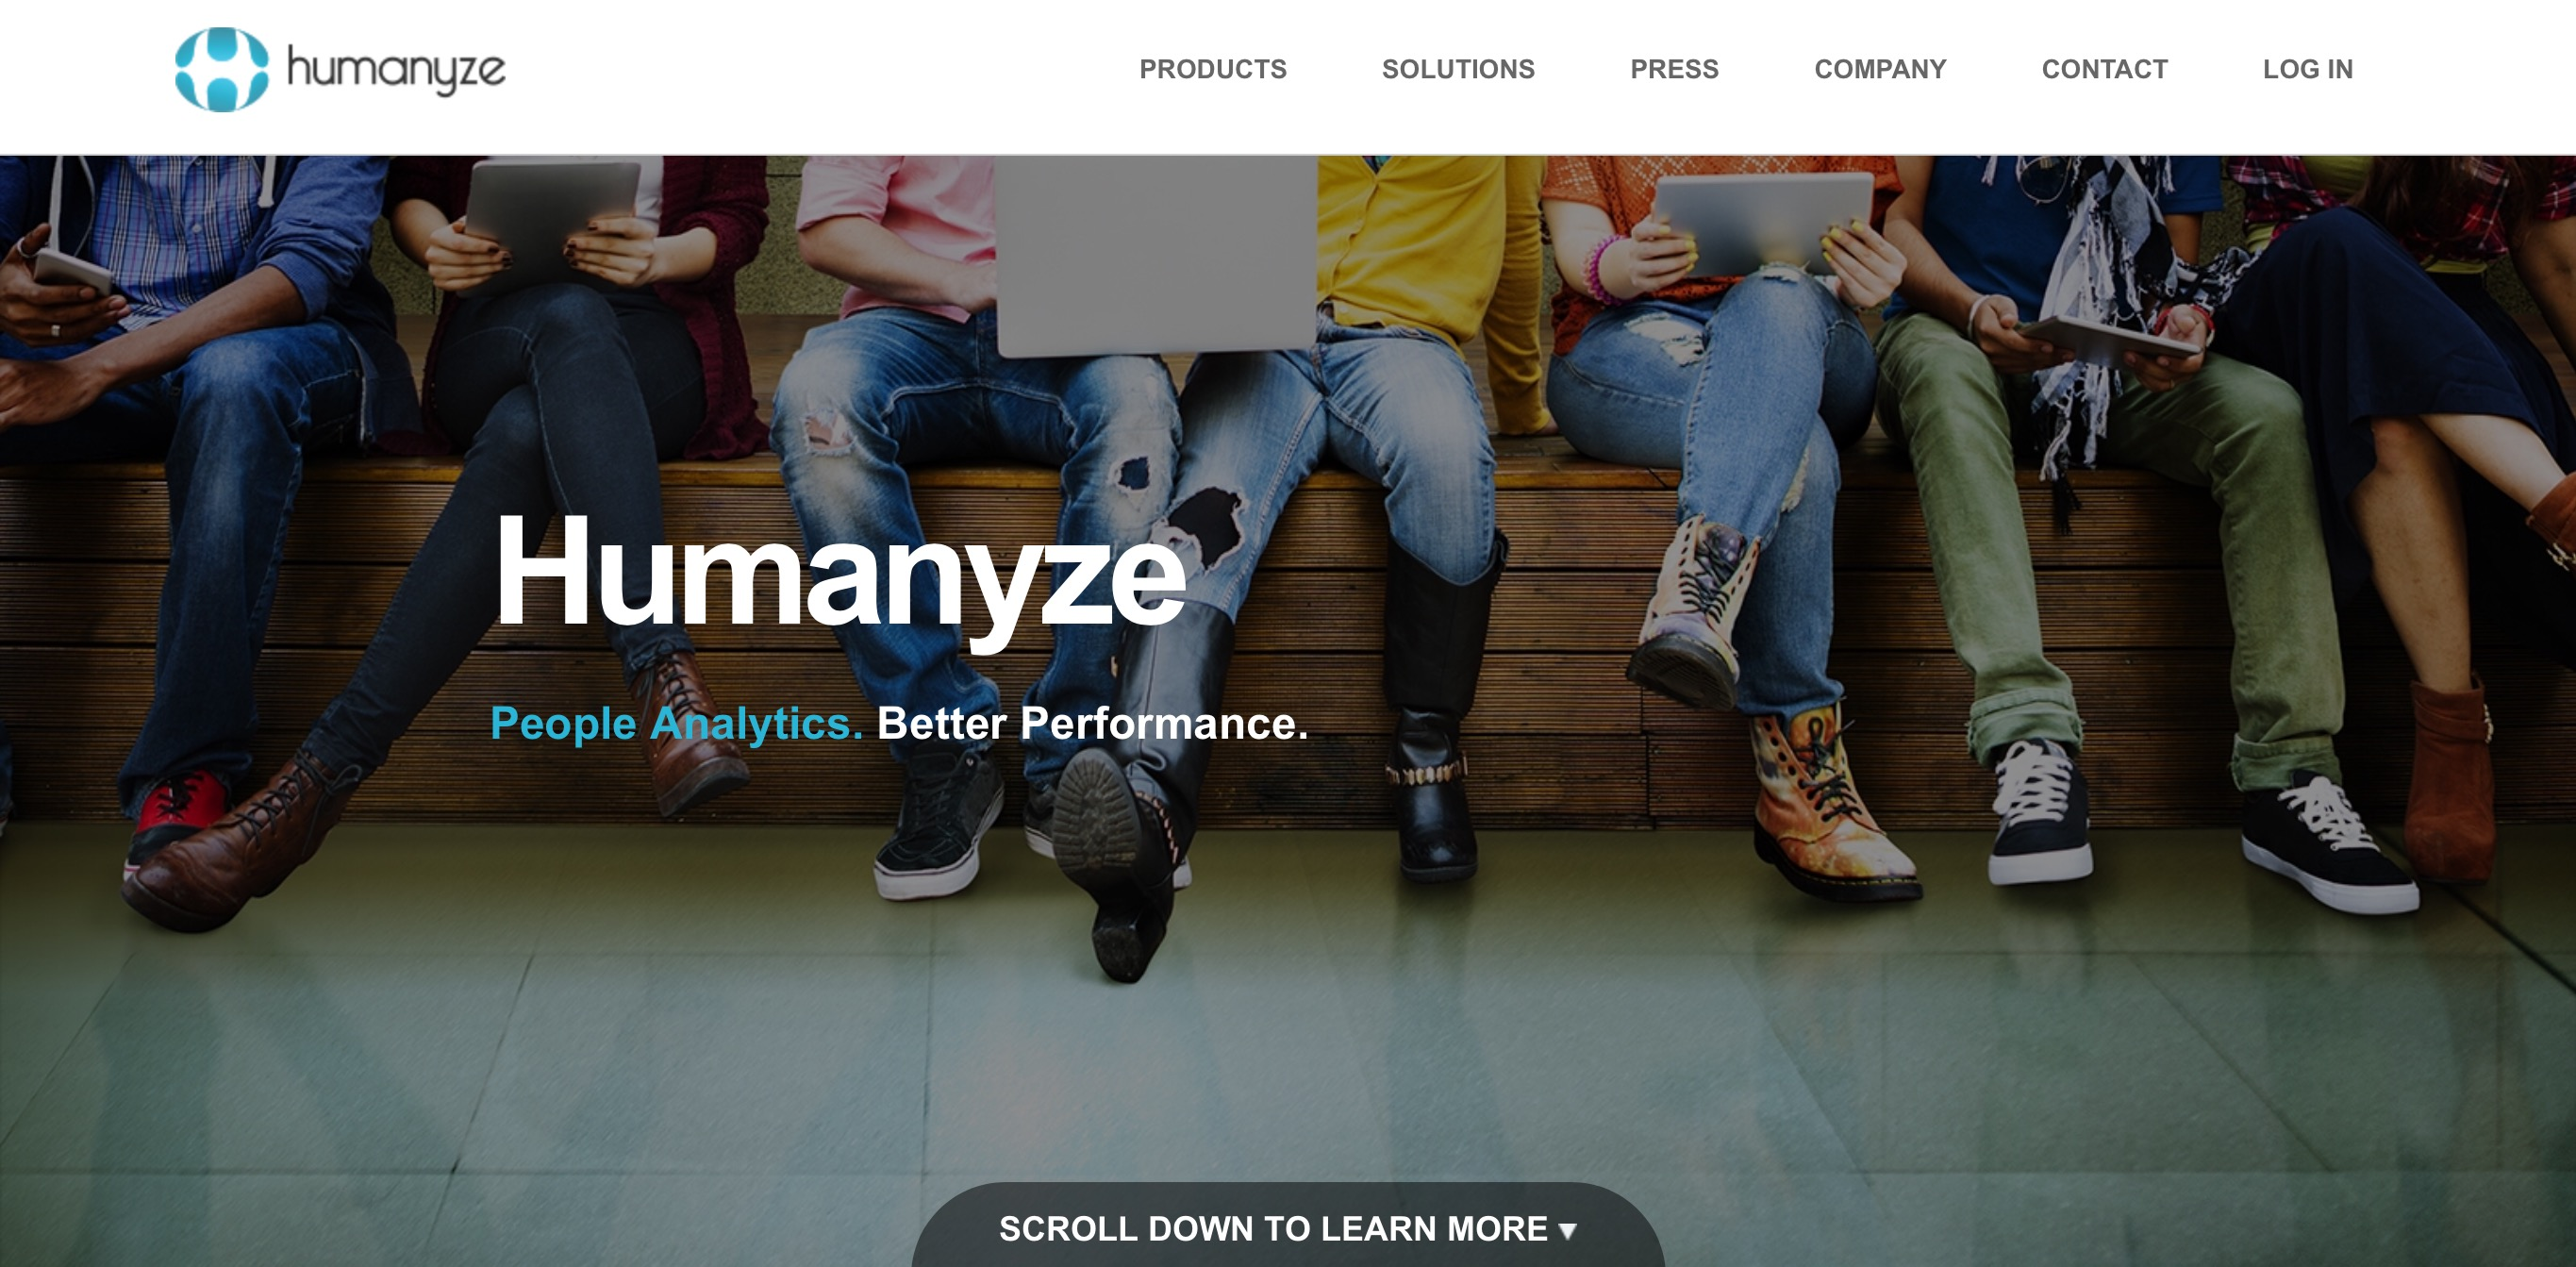 従業員にタグを付けて解析する「人間のアナリティクス」Humanyzeが約4.5億円調達【NewsDigest】